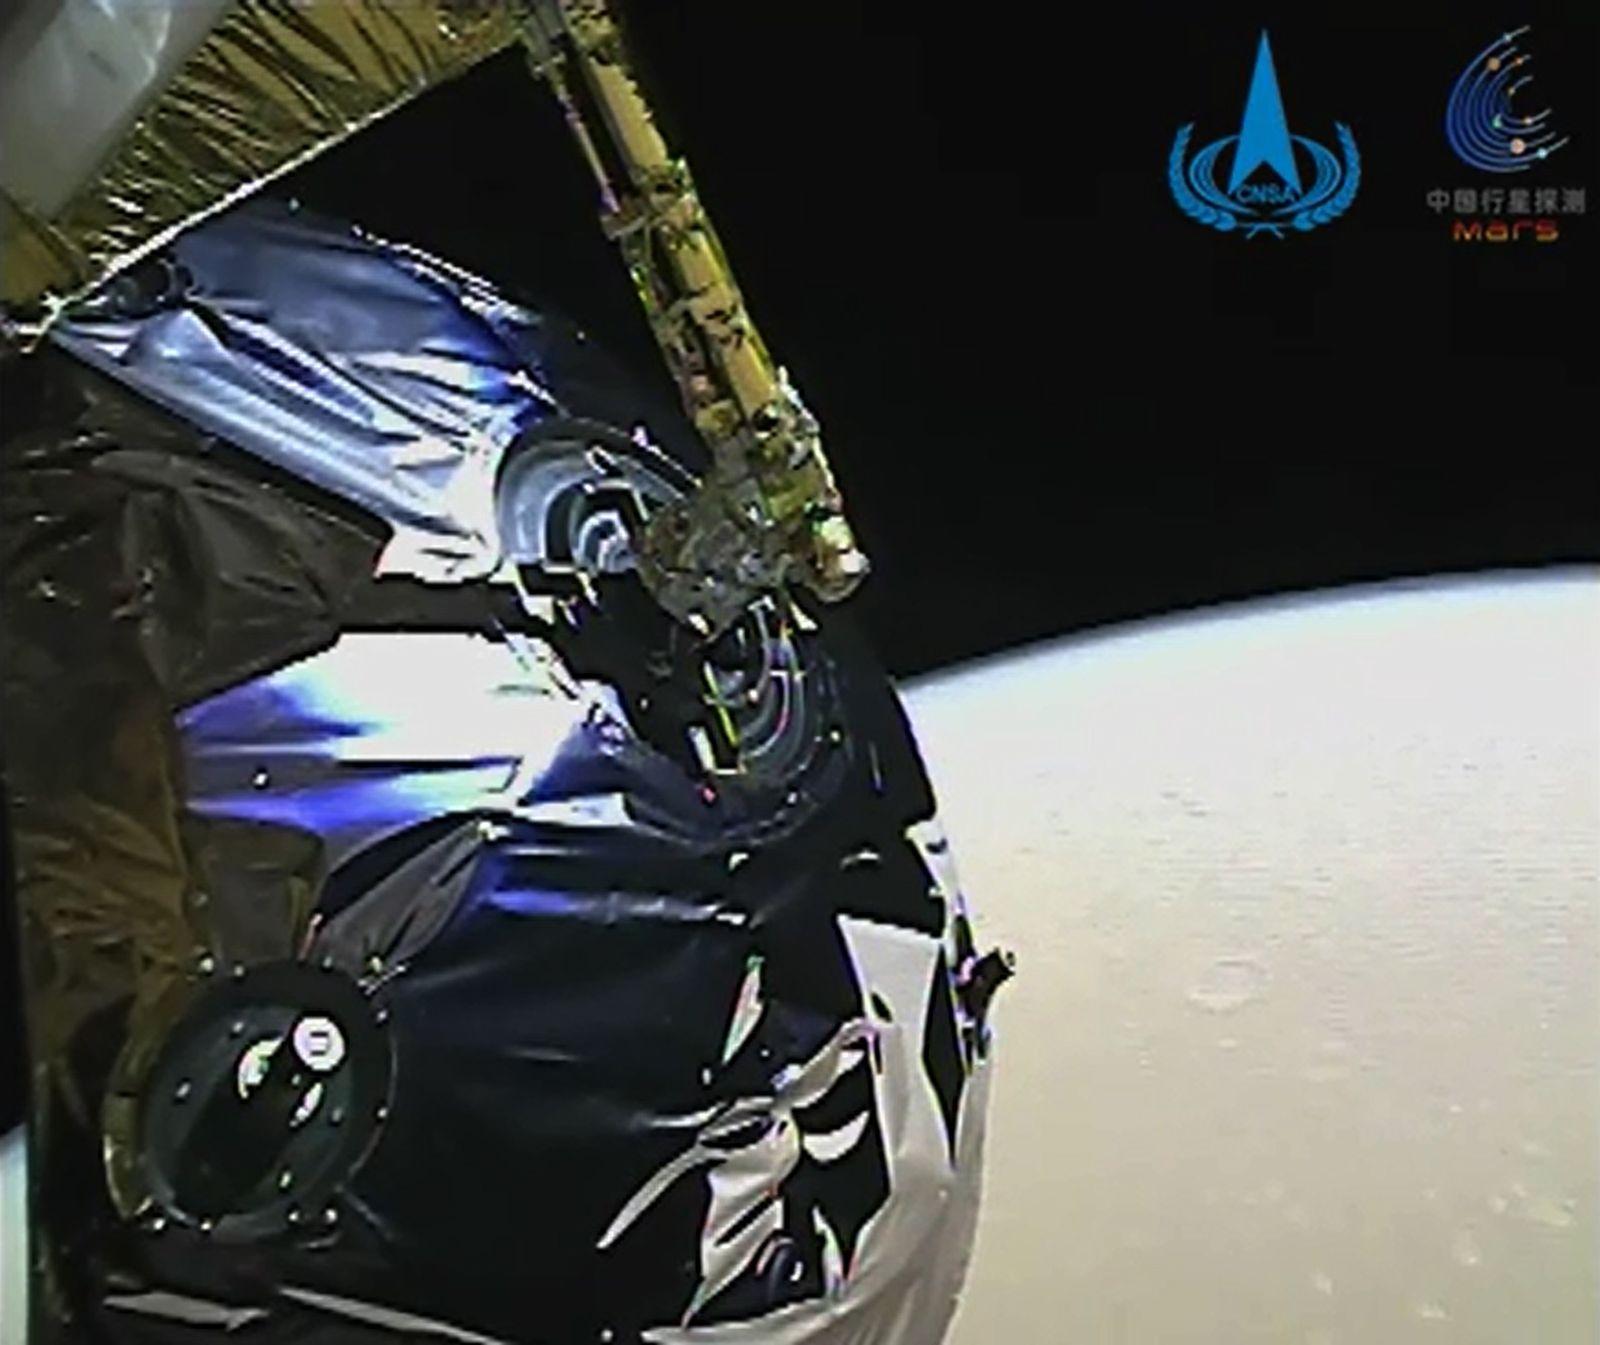 CHINA-SPACE-MARS